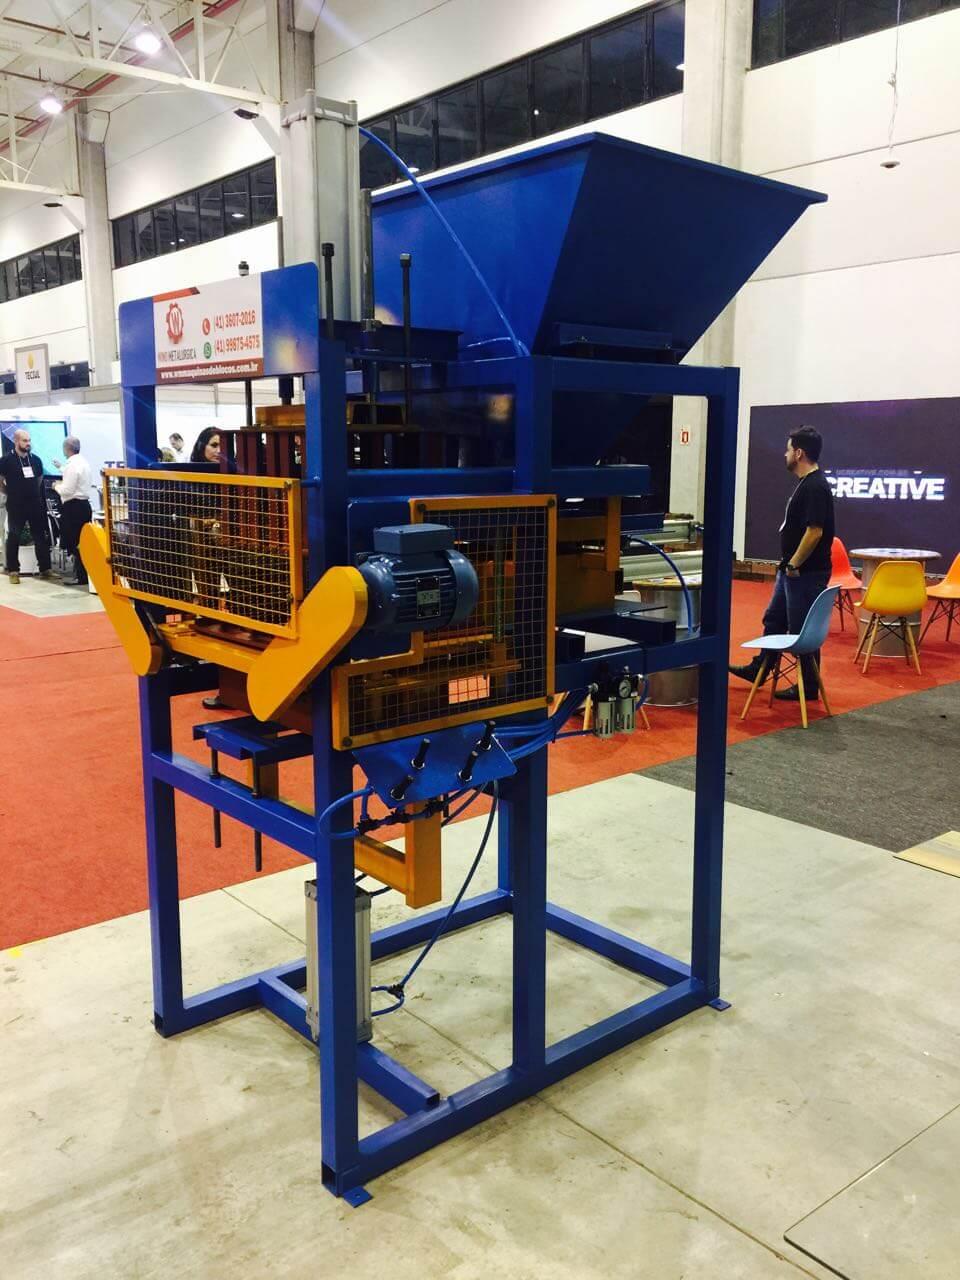 Maquina BL-3000 para fazer ate 3000 blocos por dia